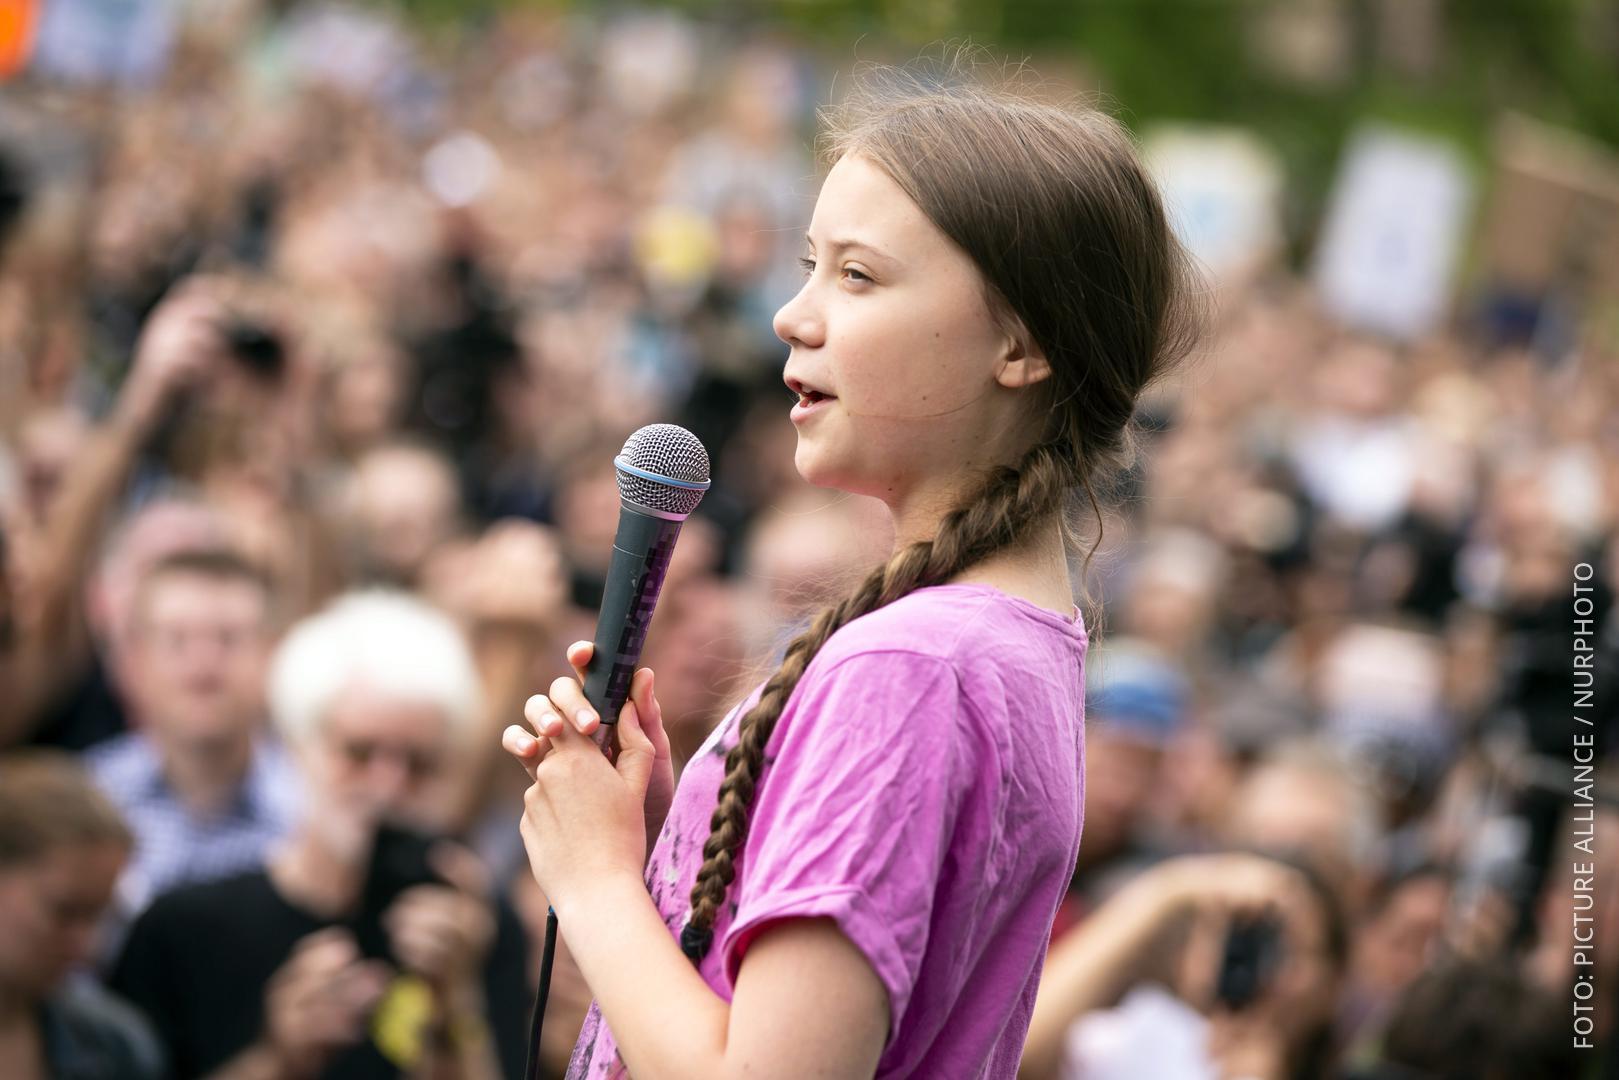 Greta bei einer Fridays for Future-Demo in Berlin im Juli.